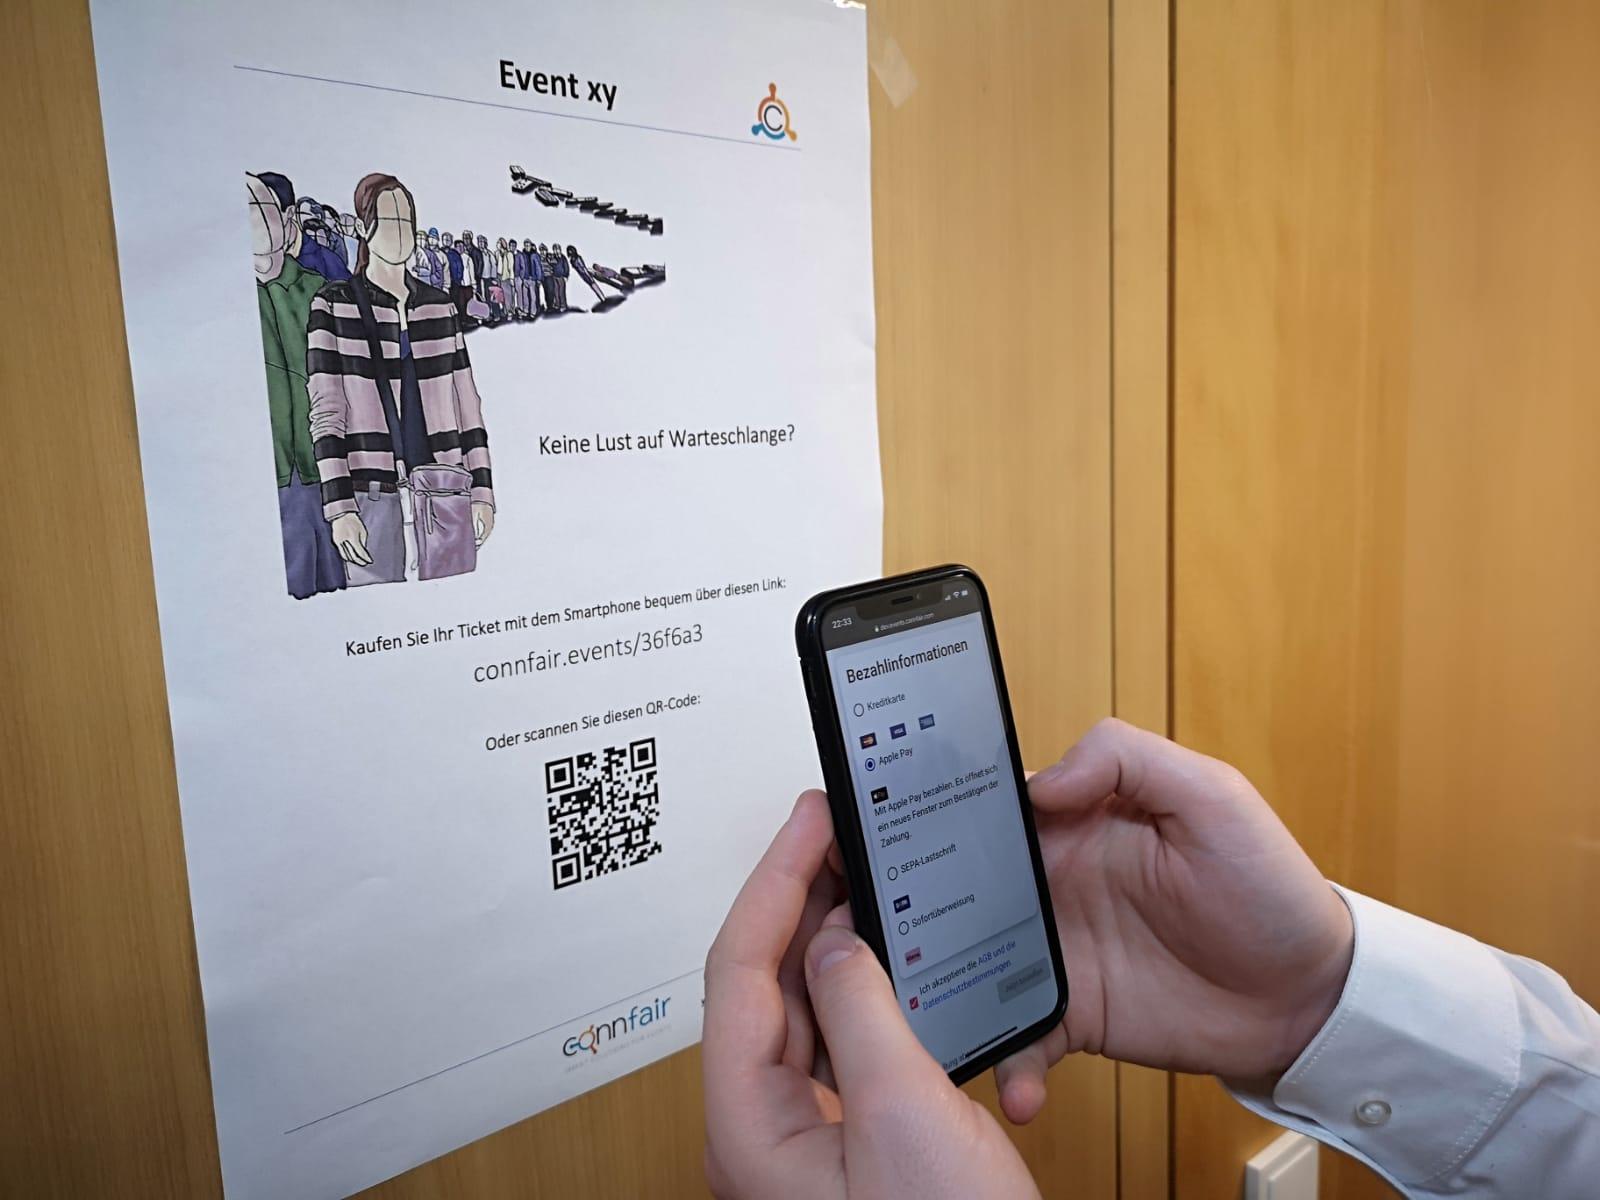 Plakat mit QR-Code zum Ticketverkauf scannen für einen schnelleren Event-Einlass